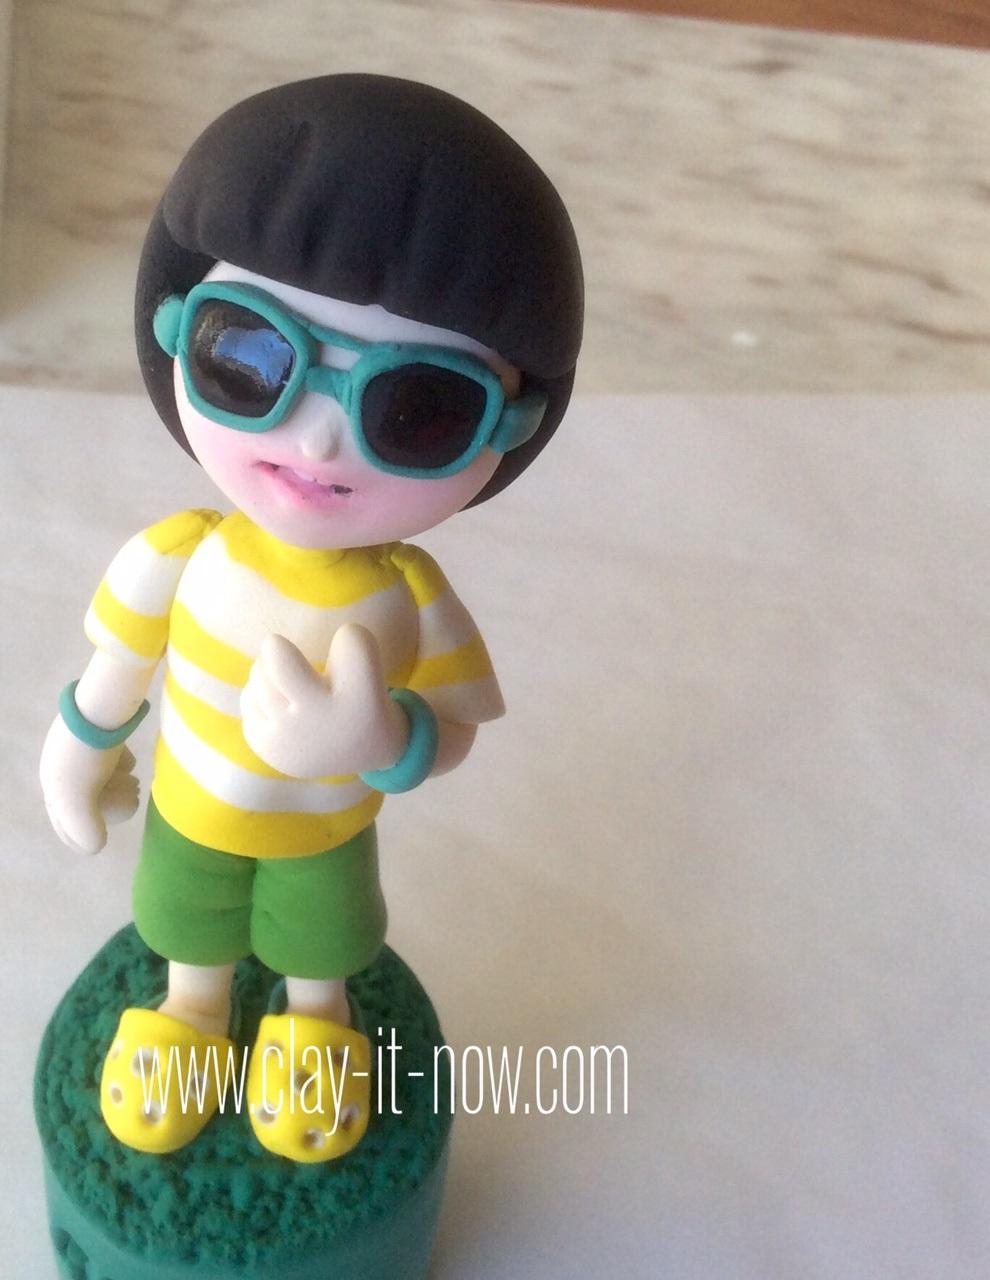 cool boy figurine,how to make life-like figurine-boy